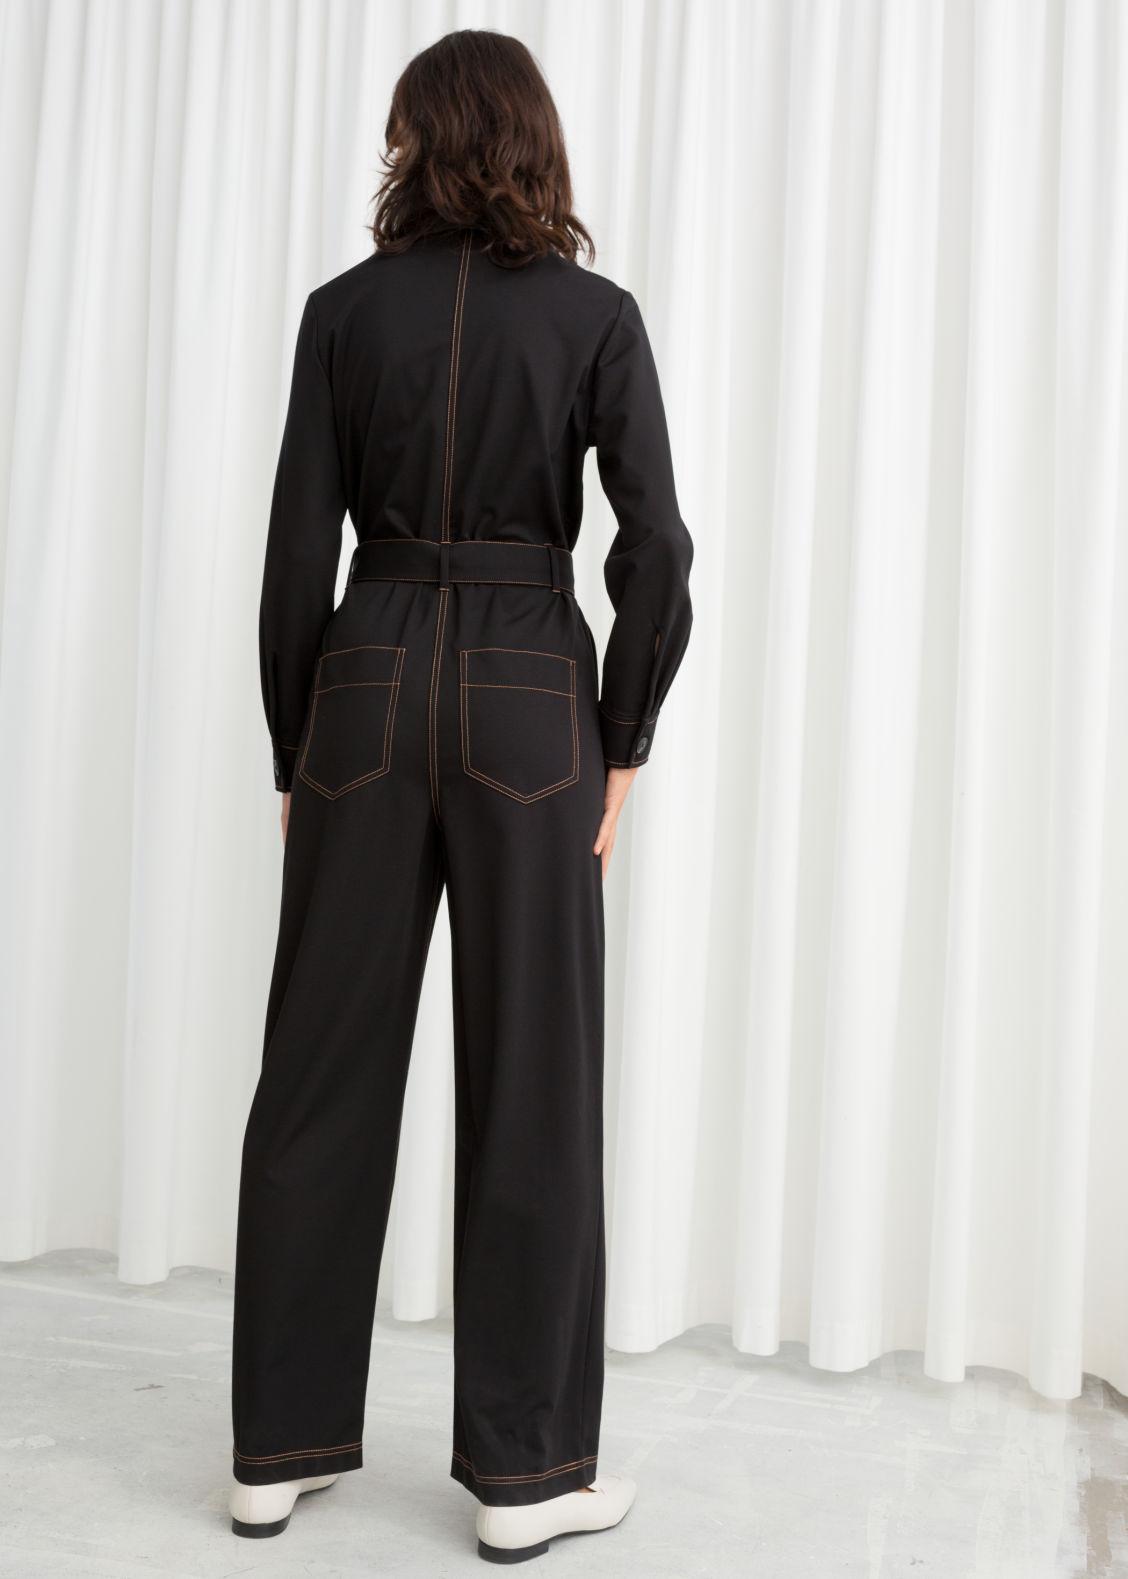 b4771e5c64d6 Workwear Boiler Suit - Black - Jumpsuits   Playsuits -   Other Stories